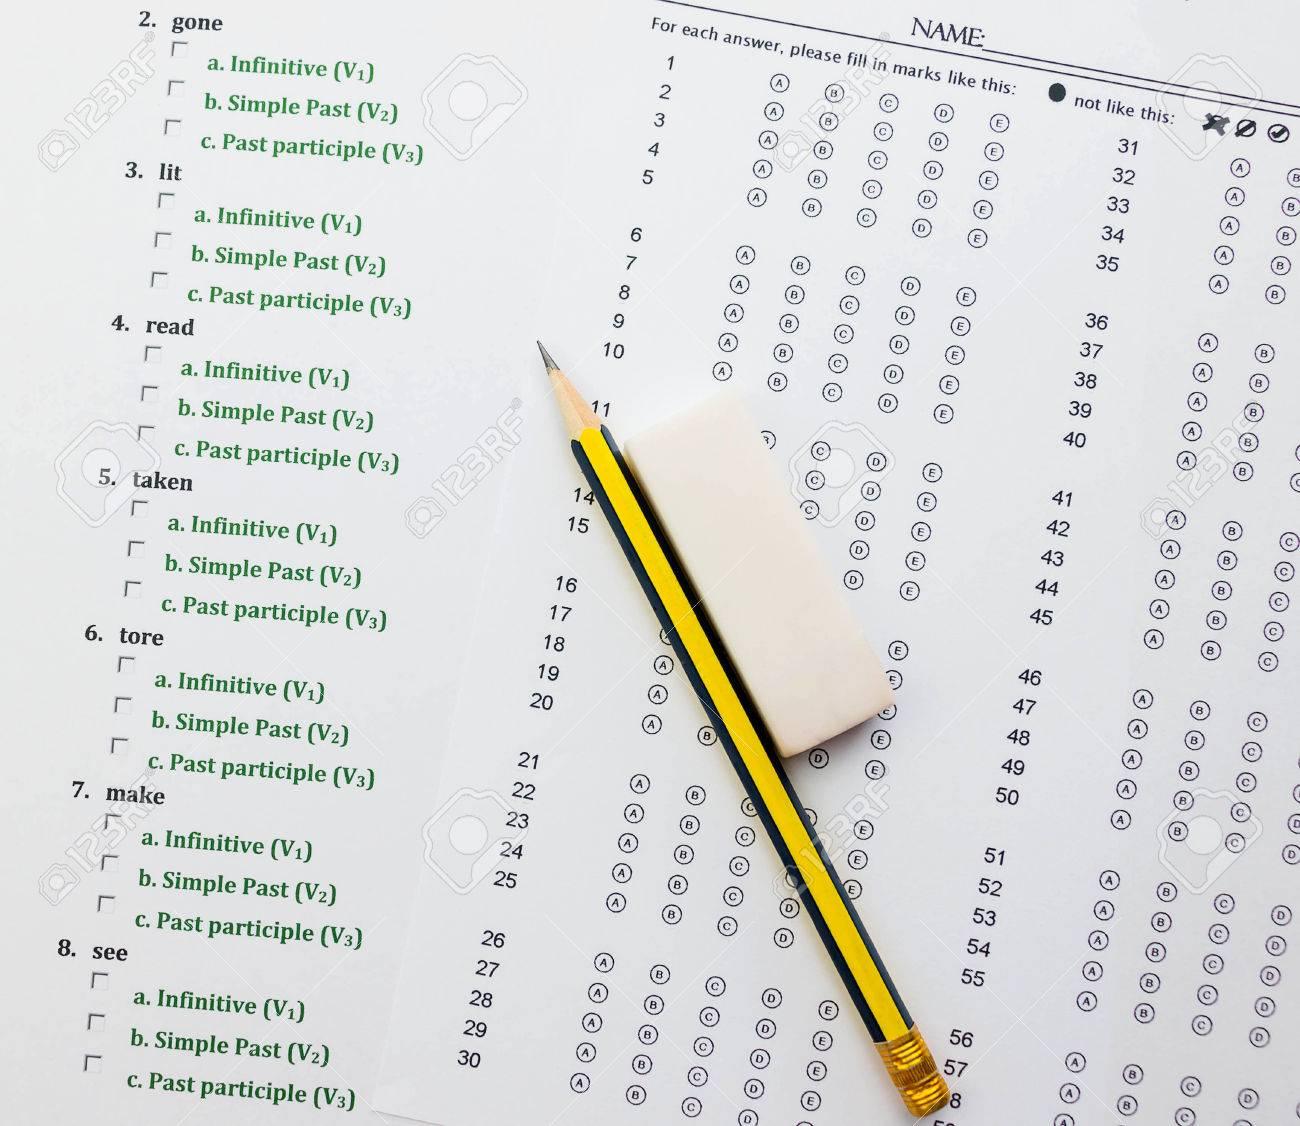 Englisch Übung Und Antwortbogen Darstellen Prüfung Englisch ...